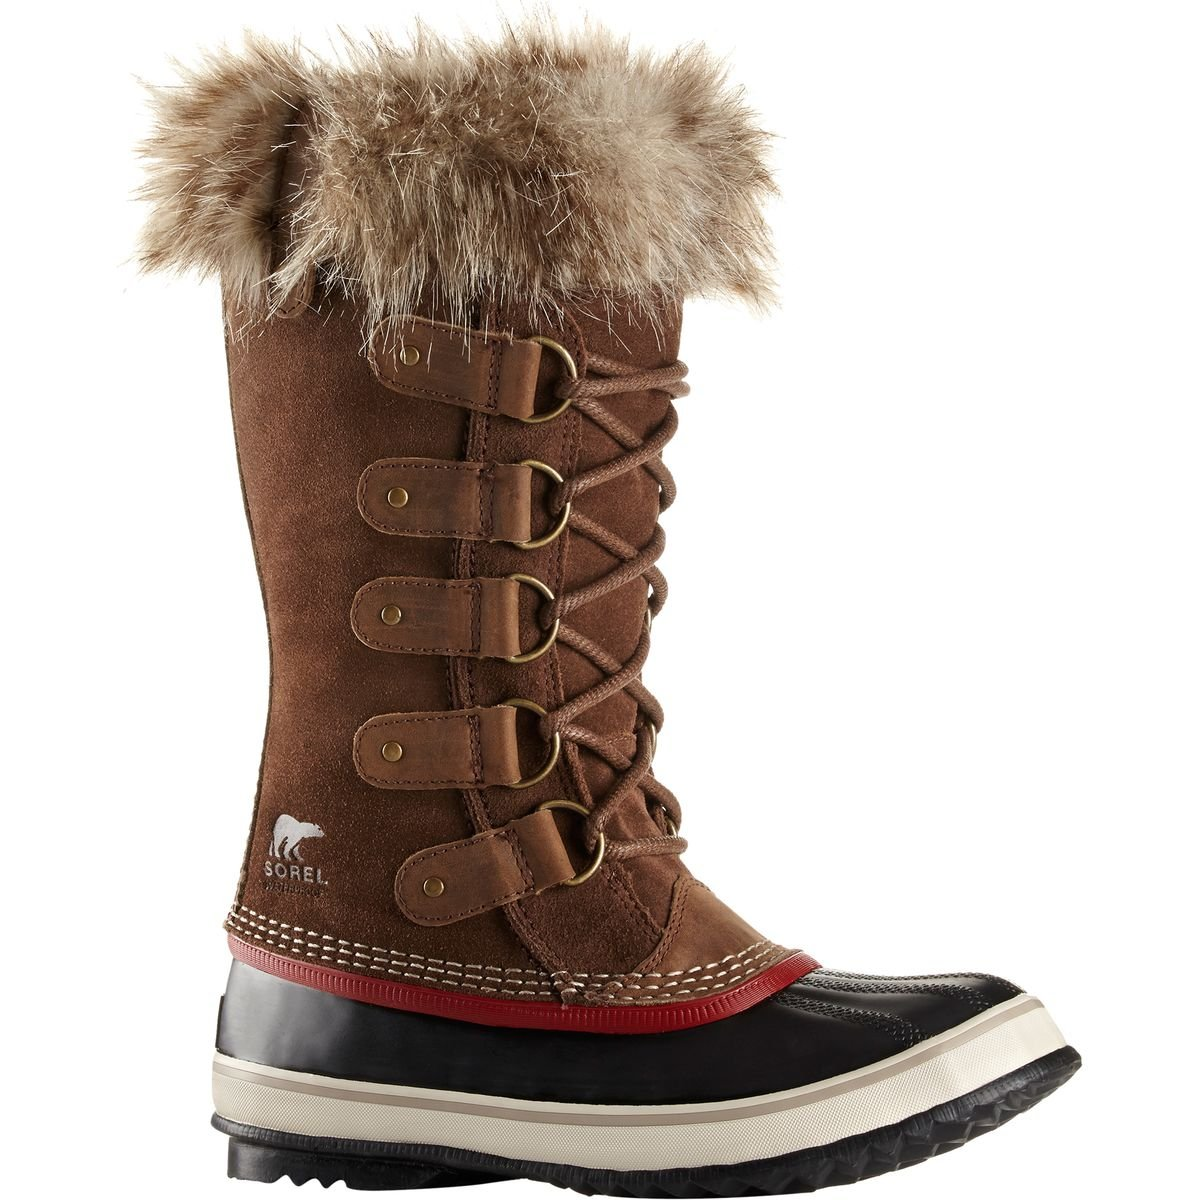 SOREL Joan of Arctic Winter Boot - Women's